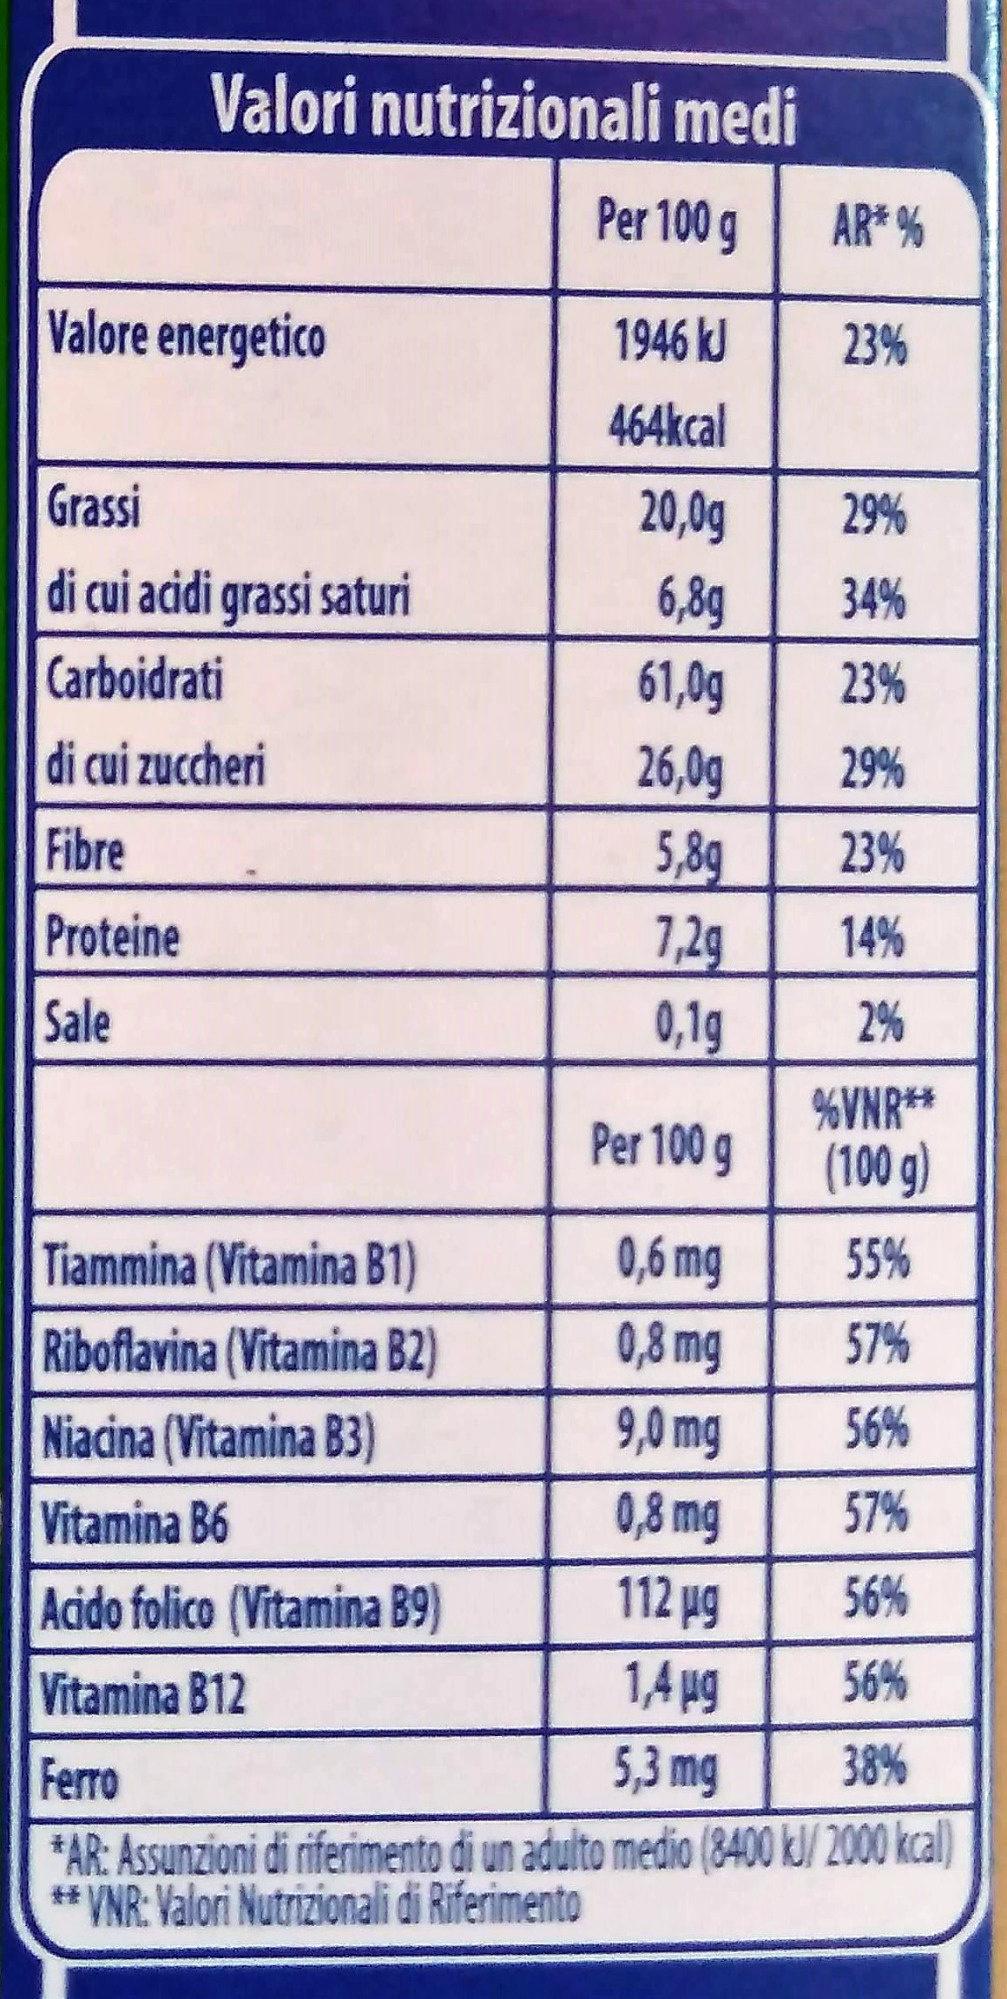 Muesli croccante con mix di frutta - Nutrition facts - it